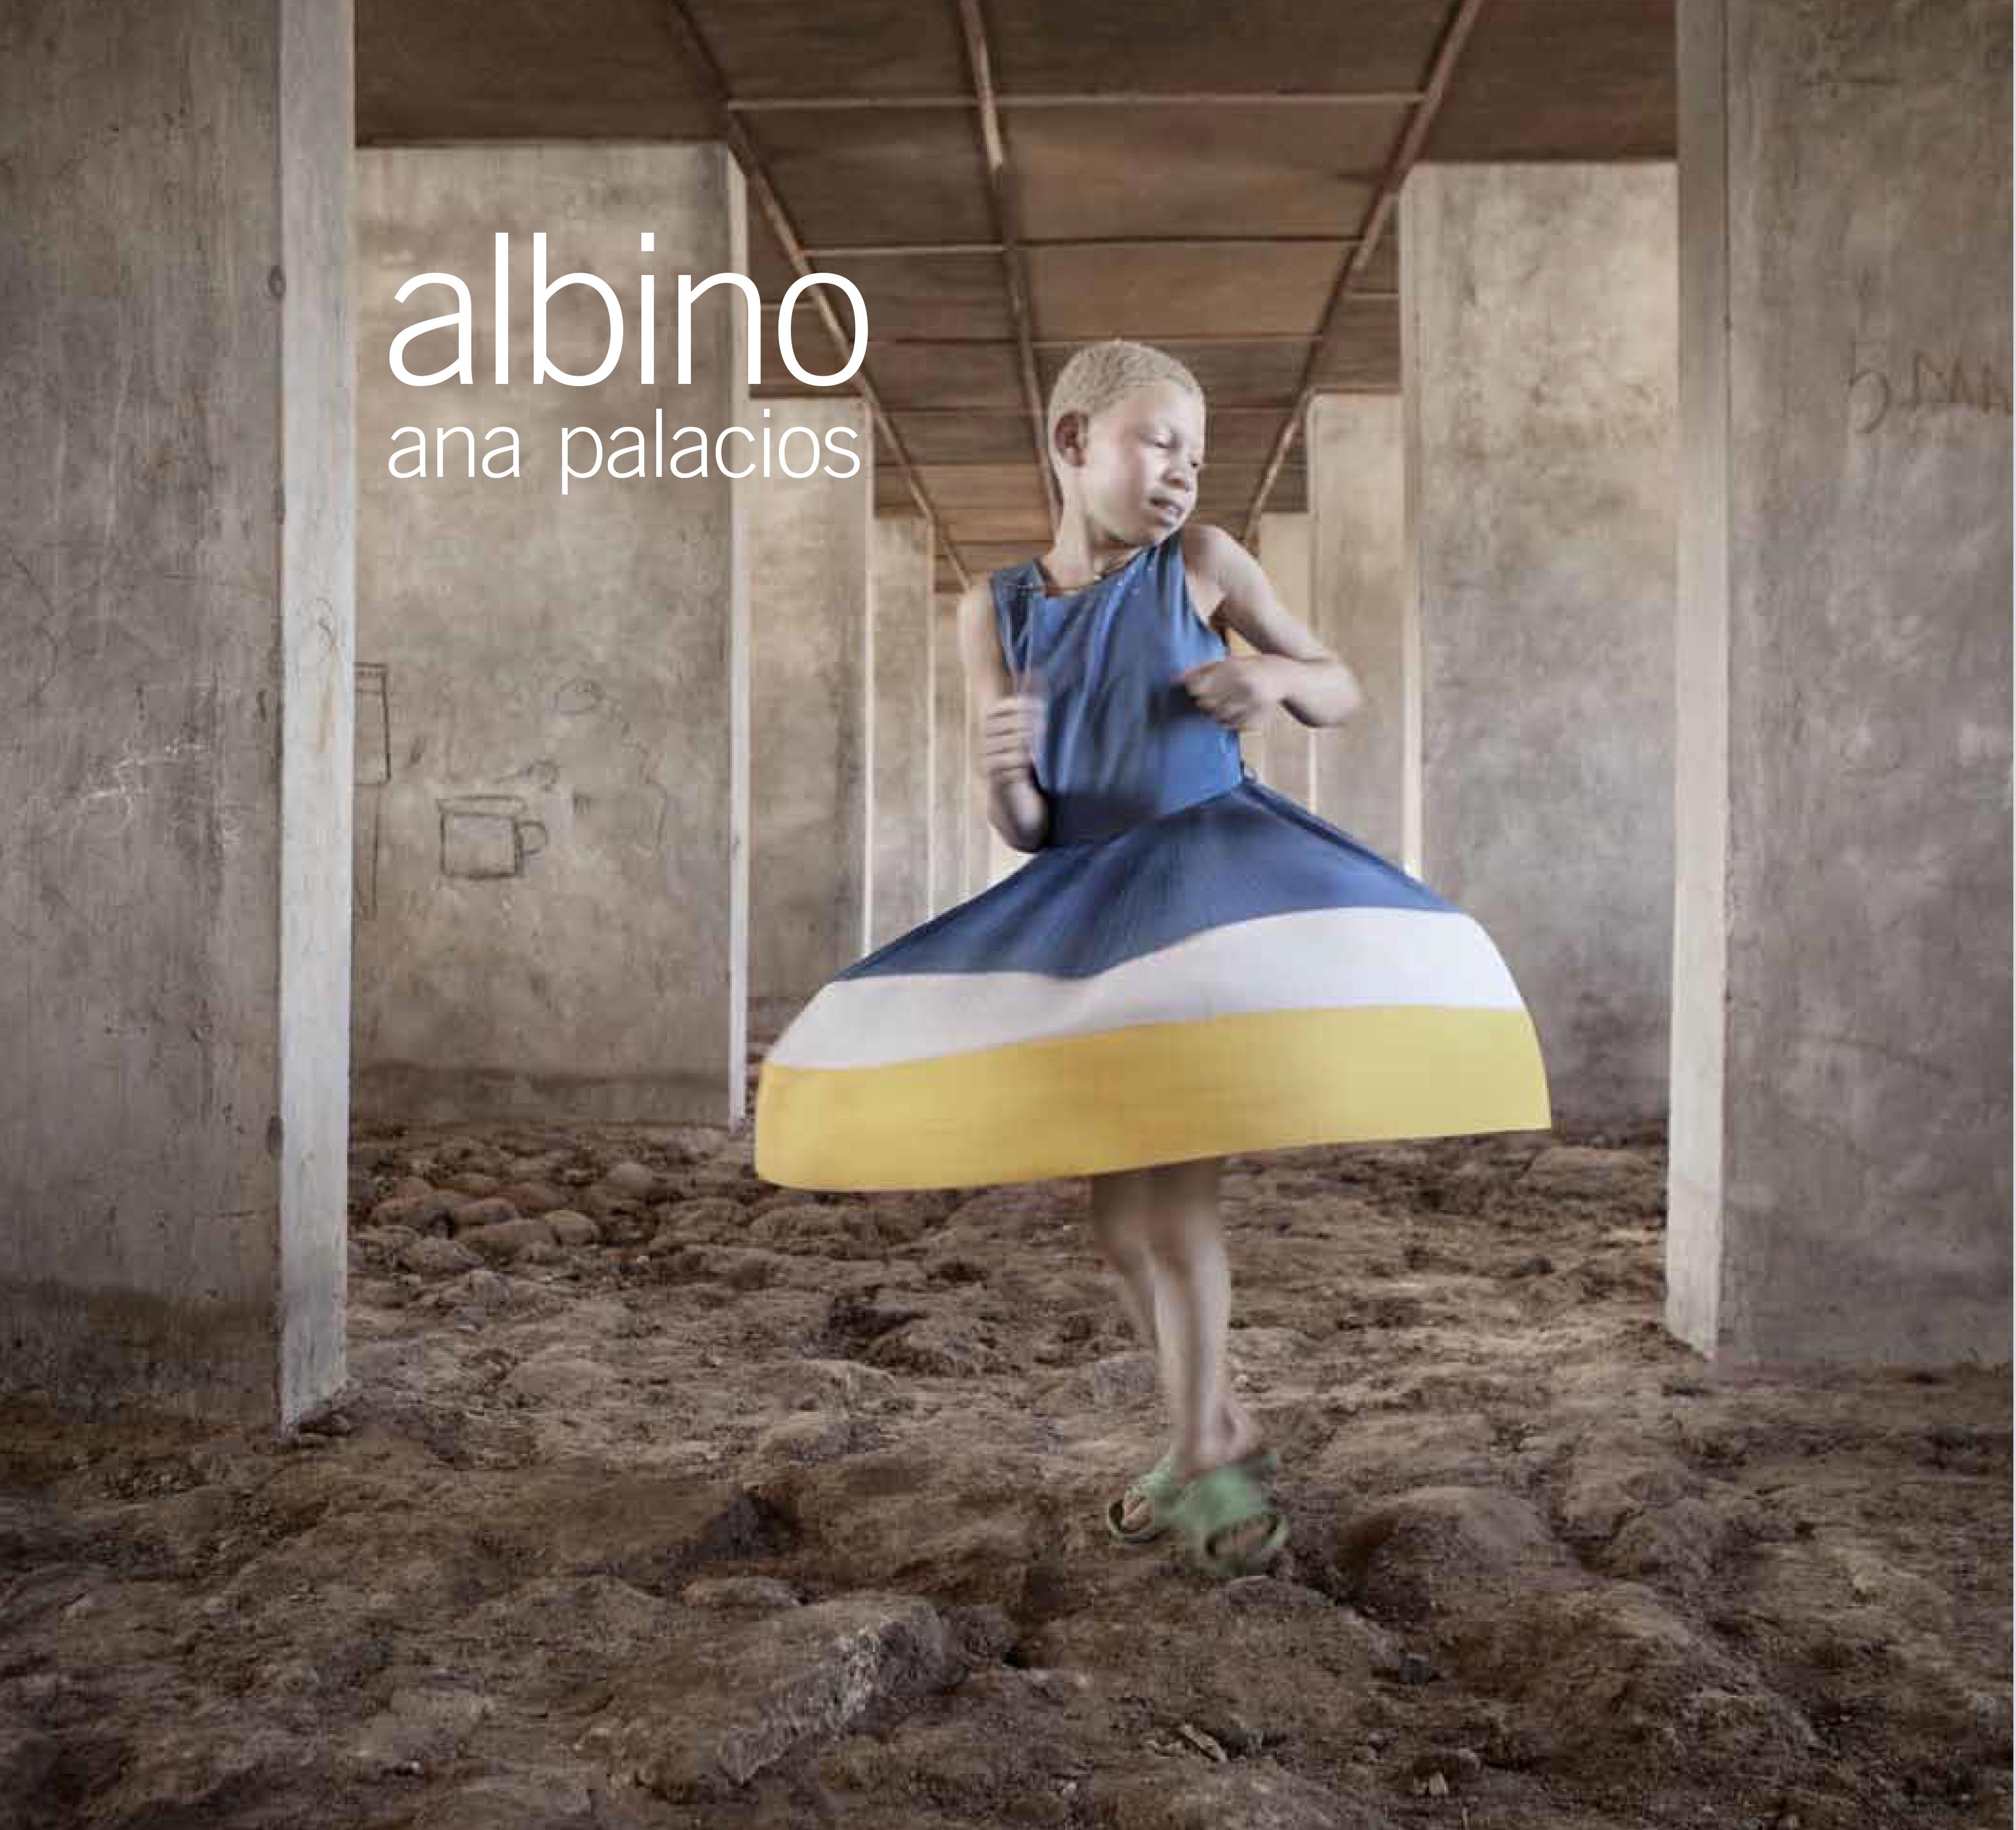 ALBINO-LIBRO-@ANA-PALACIOS